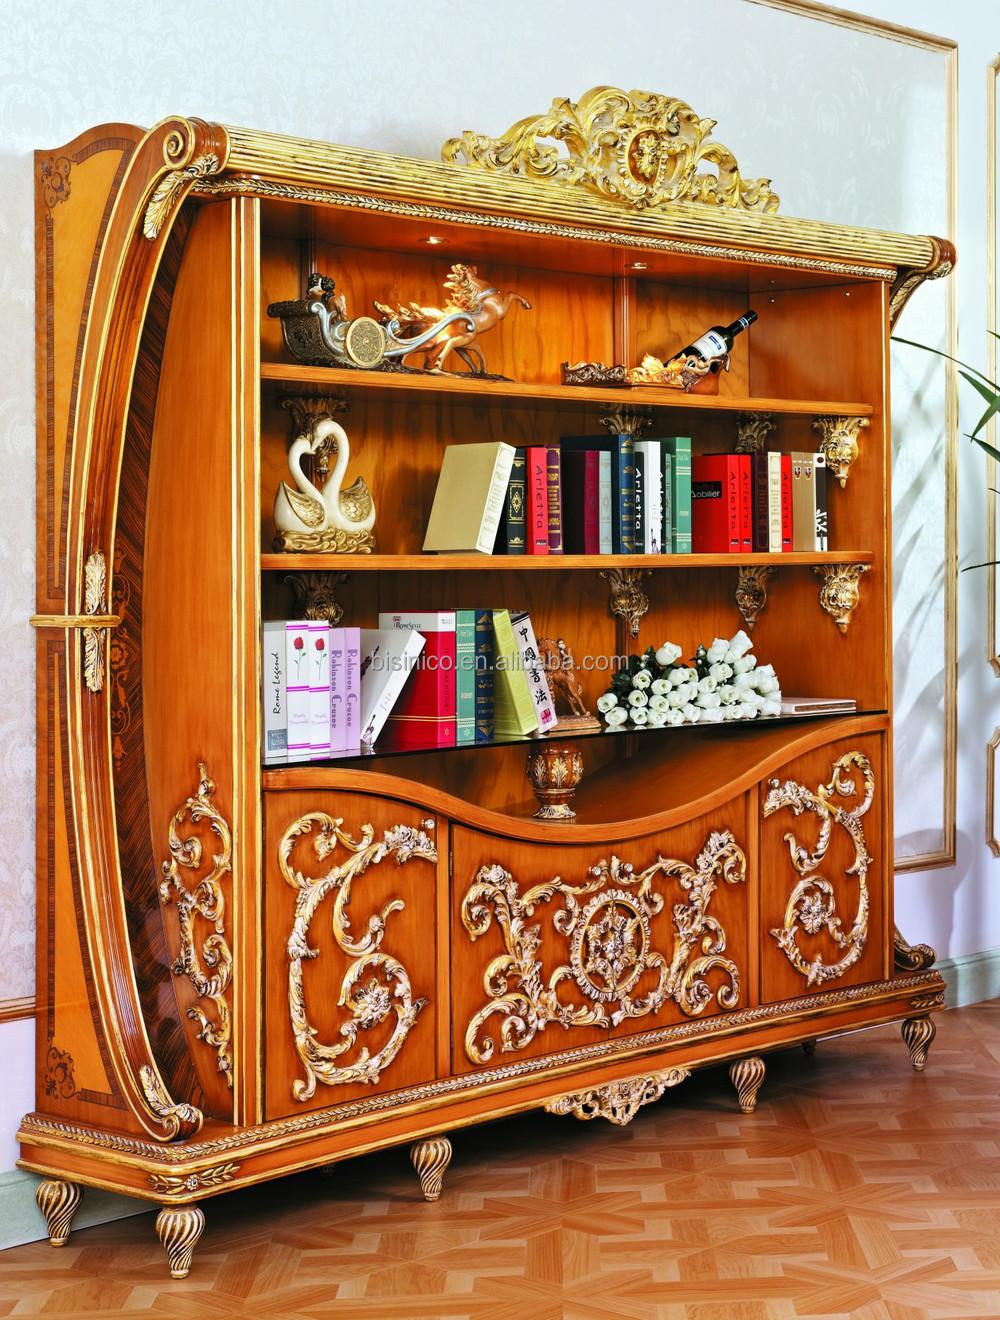 Luxe fran ais rococo chambre armoire placard antique for Placard de chambre en bois